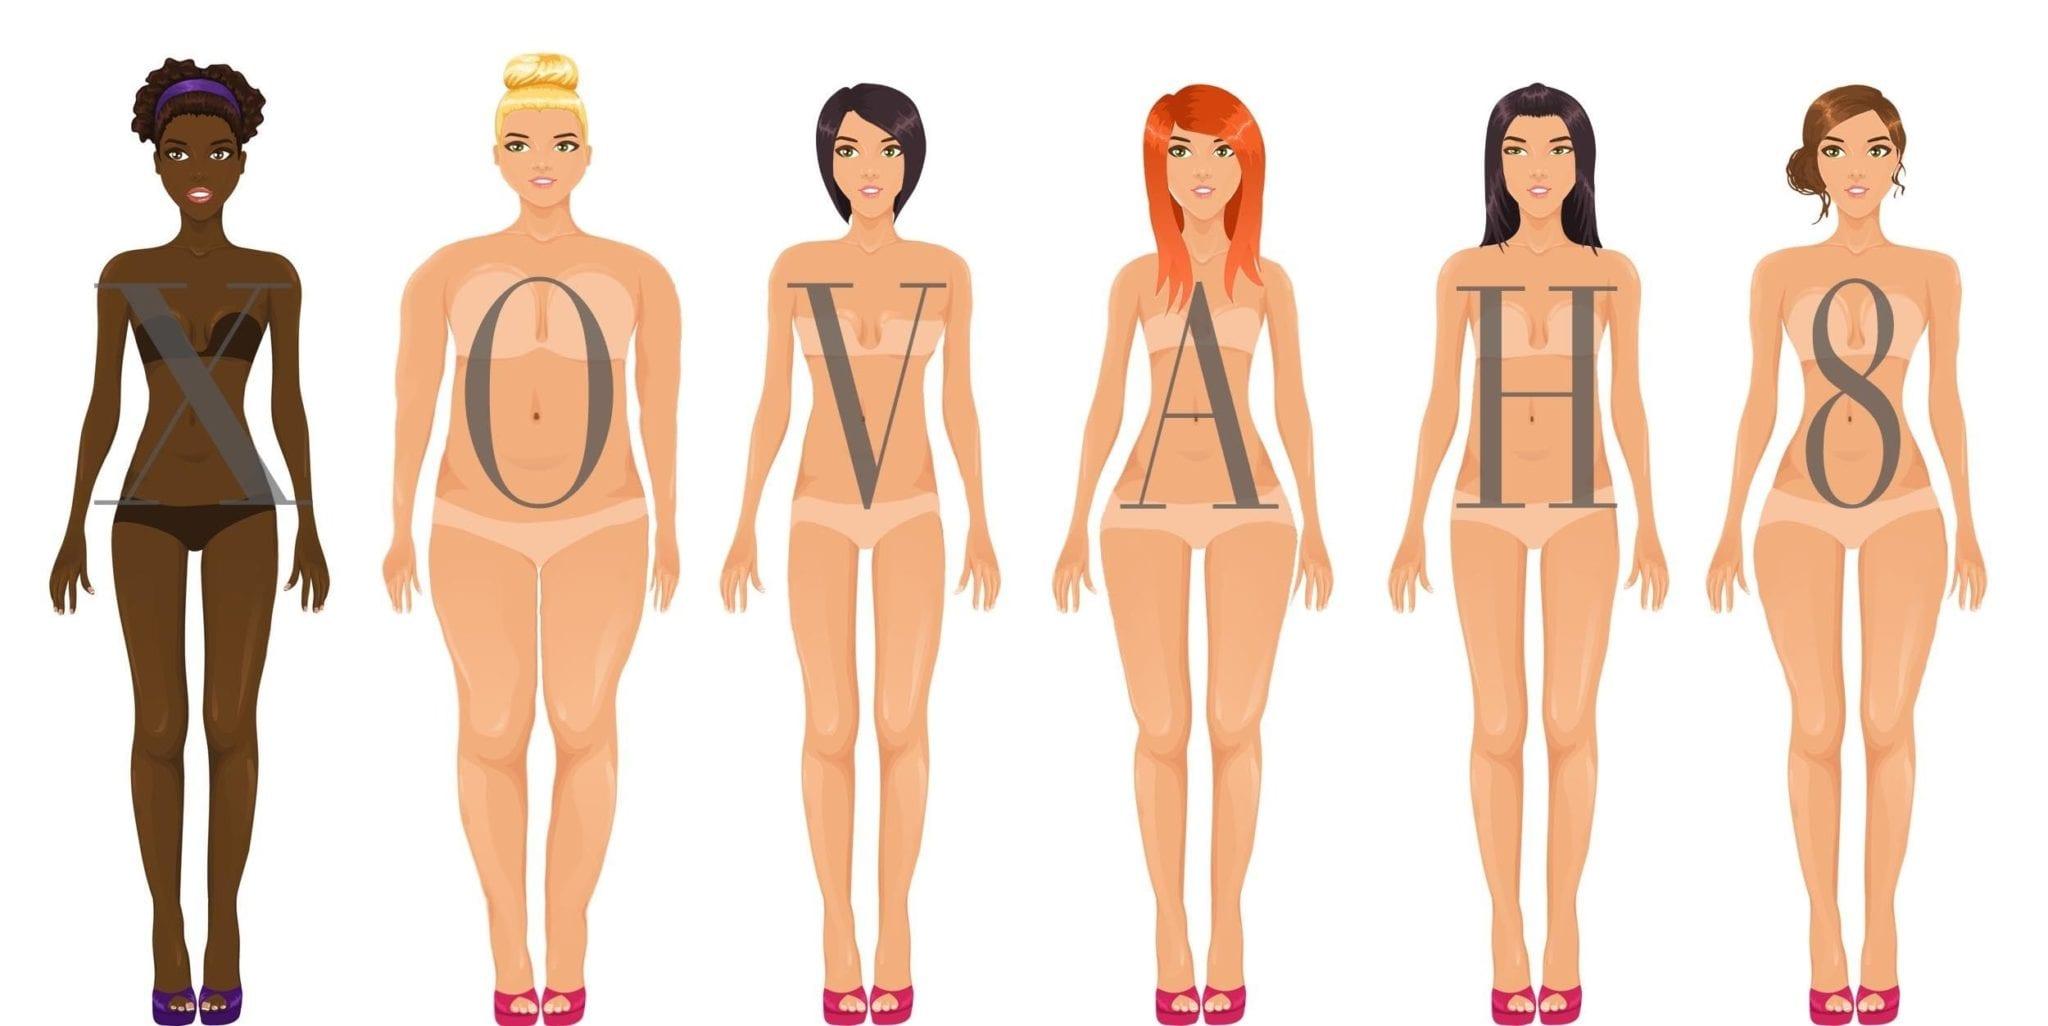 64577ea174 Comment choisir ton maillot de bain en fonction de ta morphologie